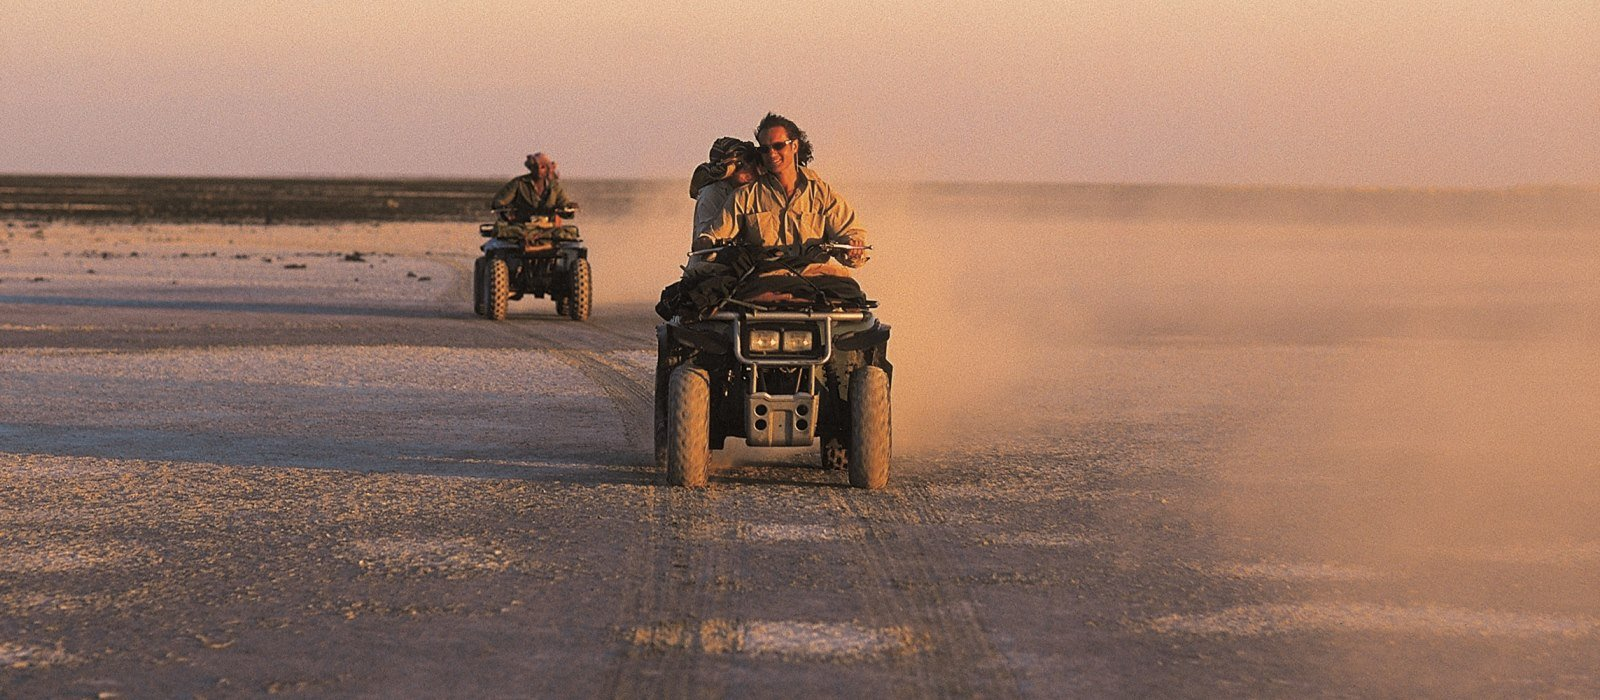 Zwei Quad-Bikes in der Wüste